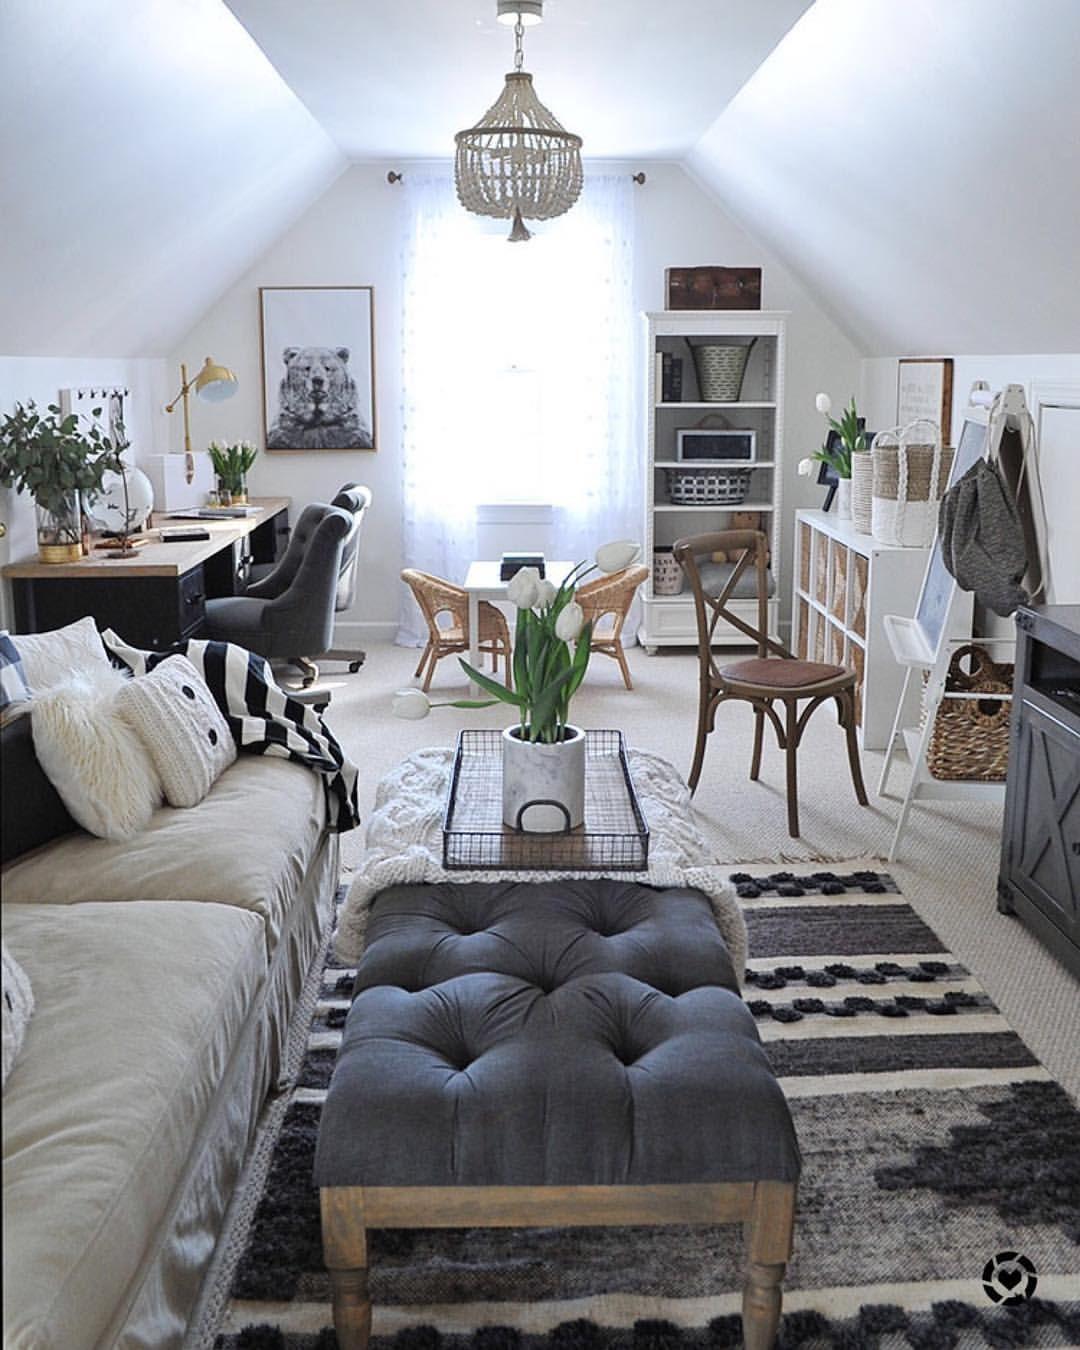 Attic Decor Ideas Bonus Room Decorating Small Space Living